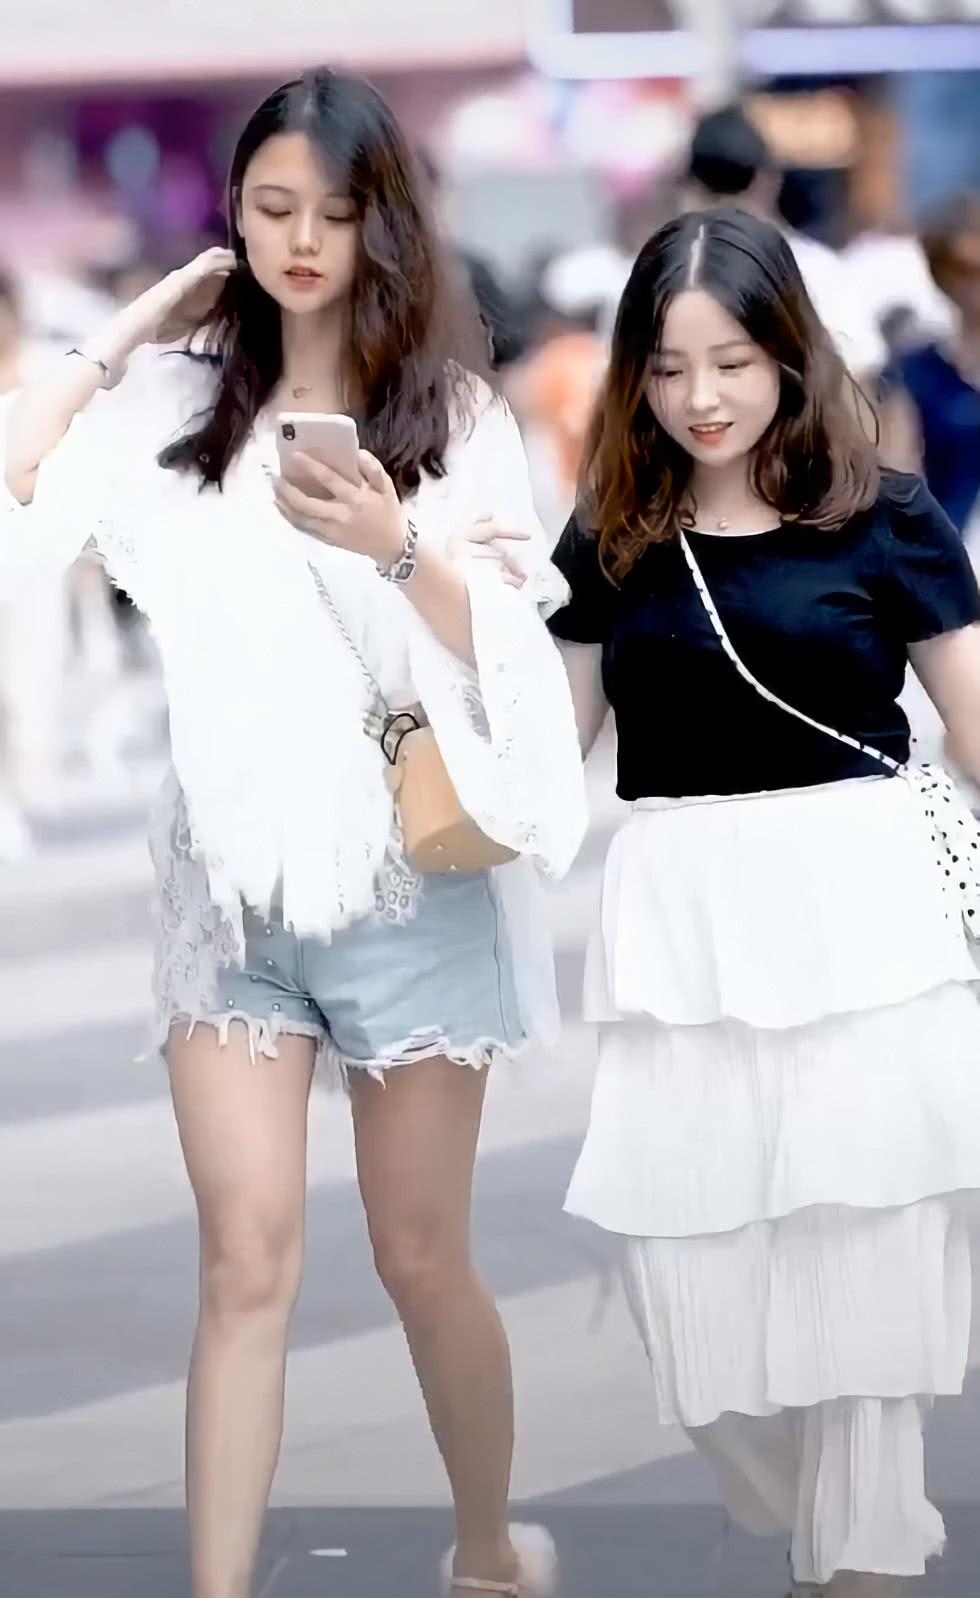 微胖女孩谁给她的勇气?穿4条裙子和大长腿闺蜜去逛街,脸赢了!